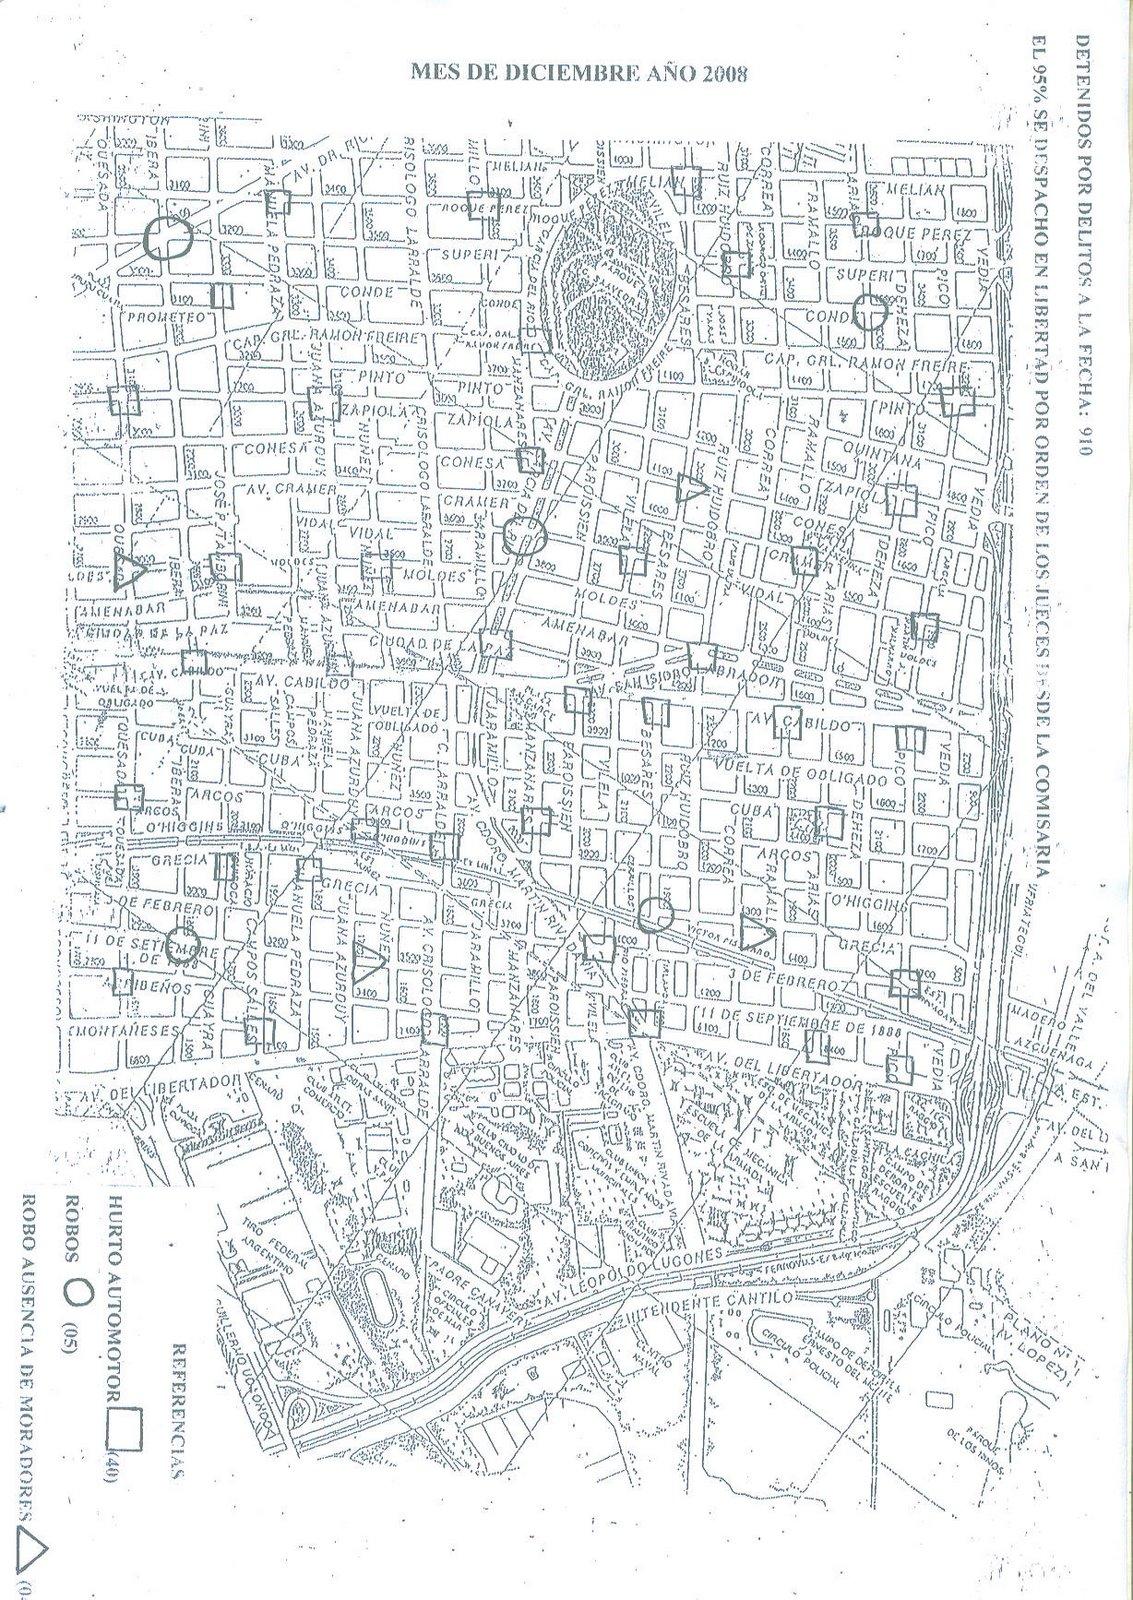 Mapa del Delito Diciembre 2008 -